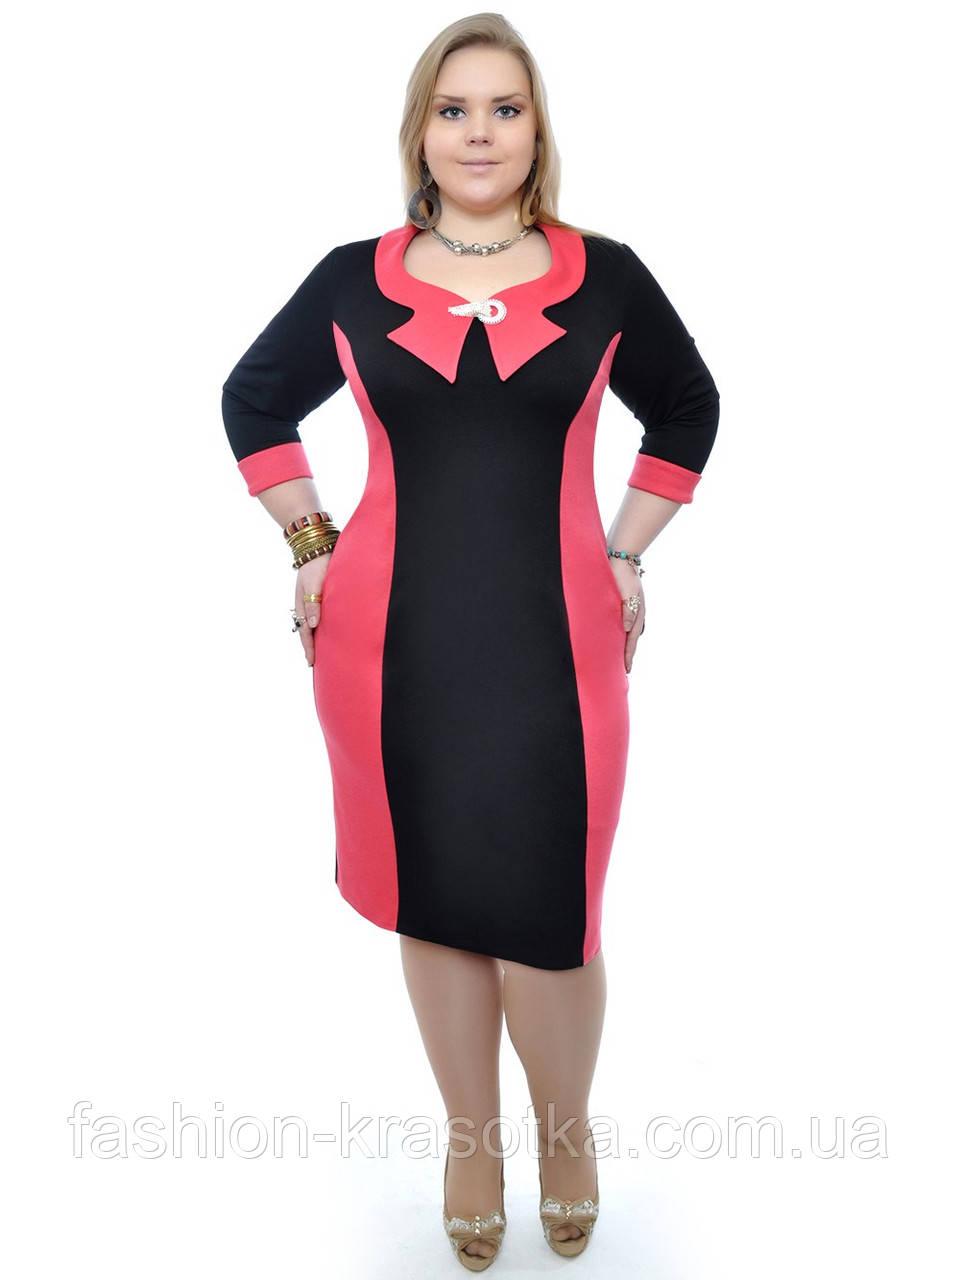 Платье модное Беата,размеры 48-62,модель ДК 358